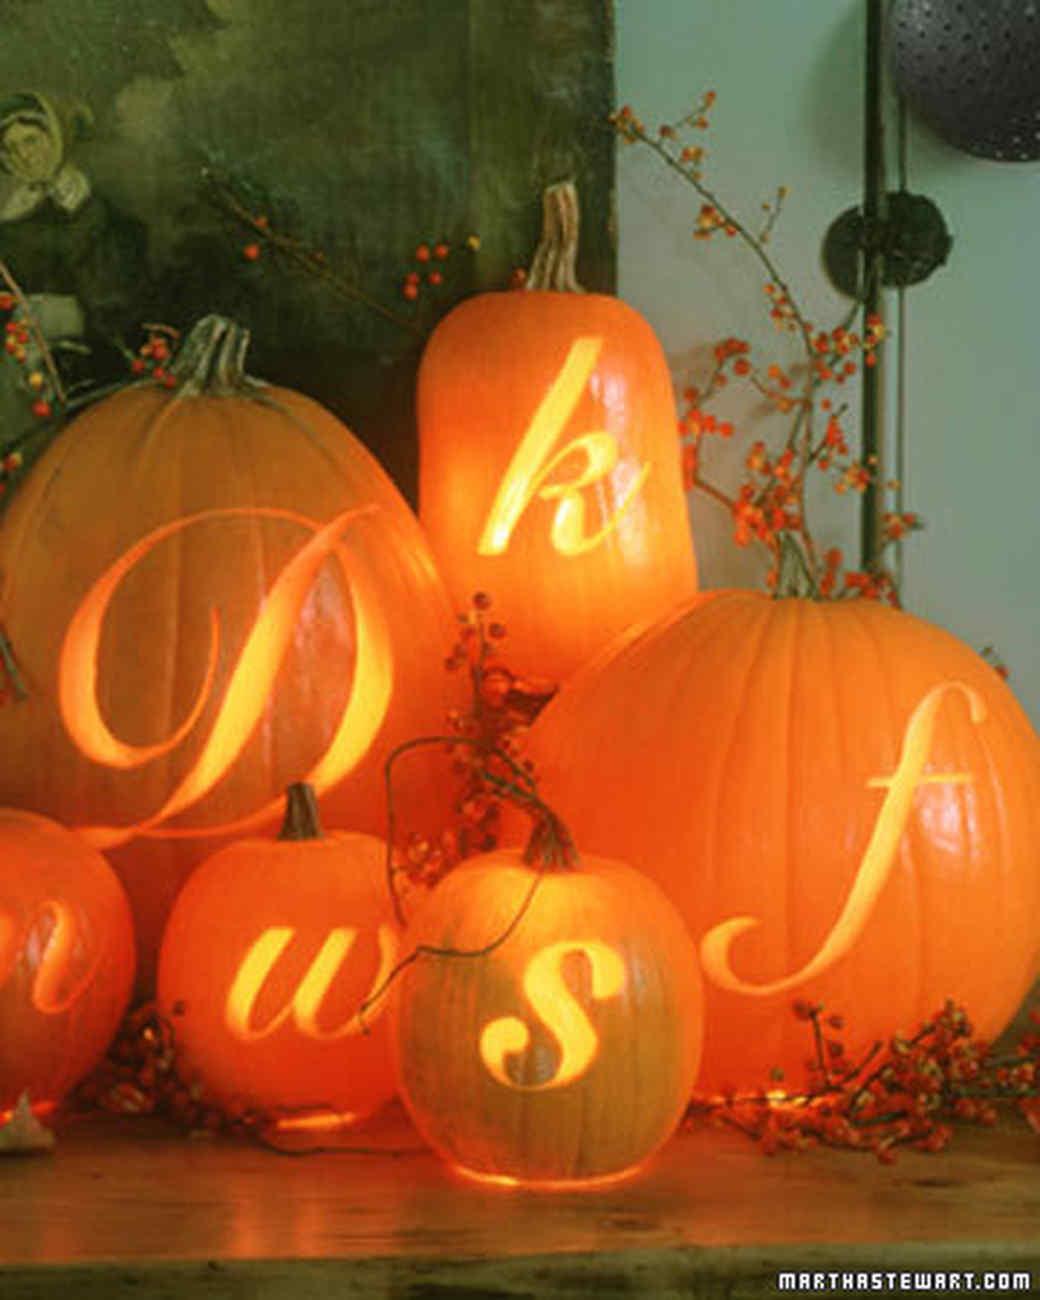 ft063_pumpkin06_m.jpg